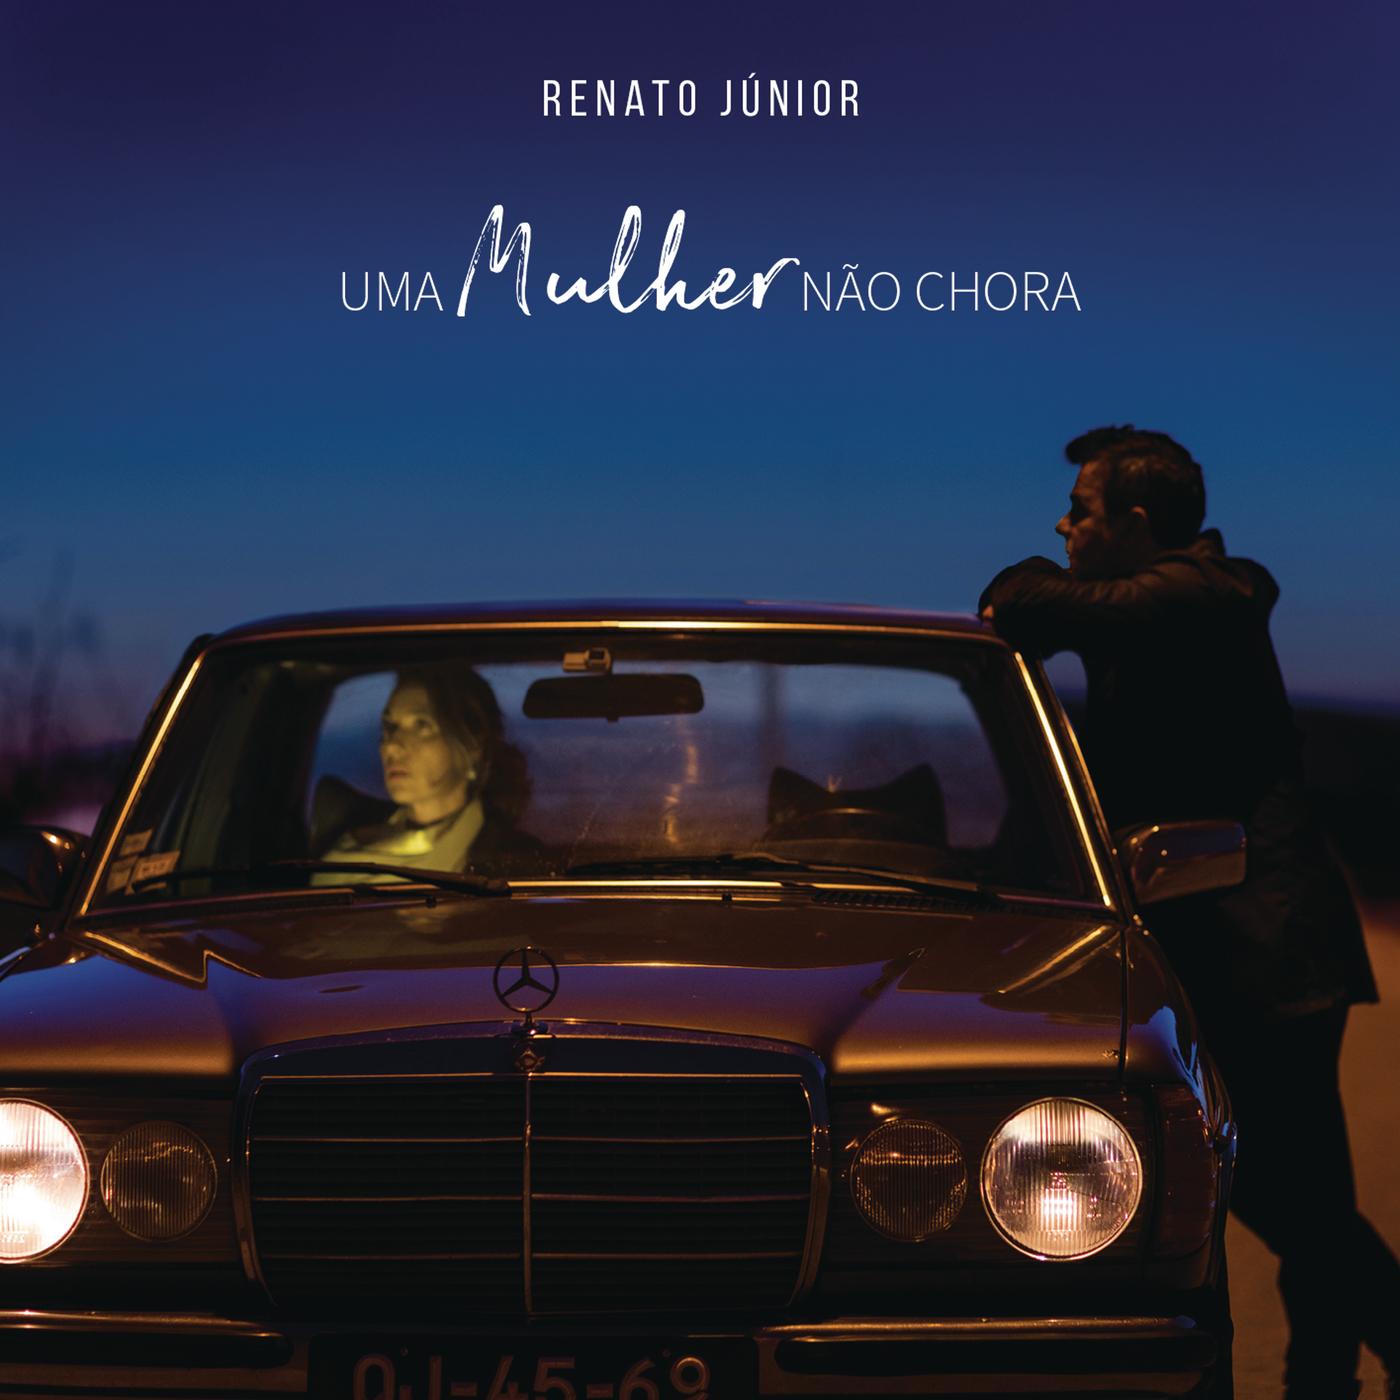 Uma Mulher Não Chora - Renato Júnior